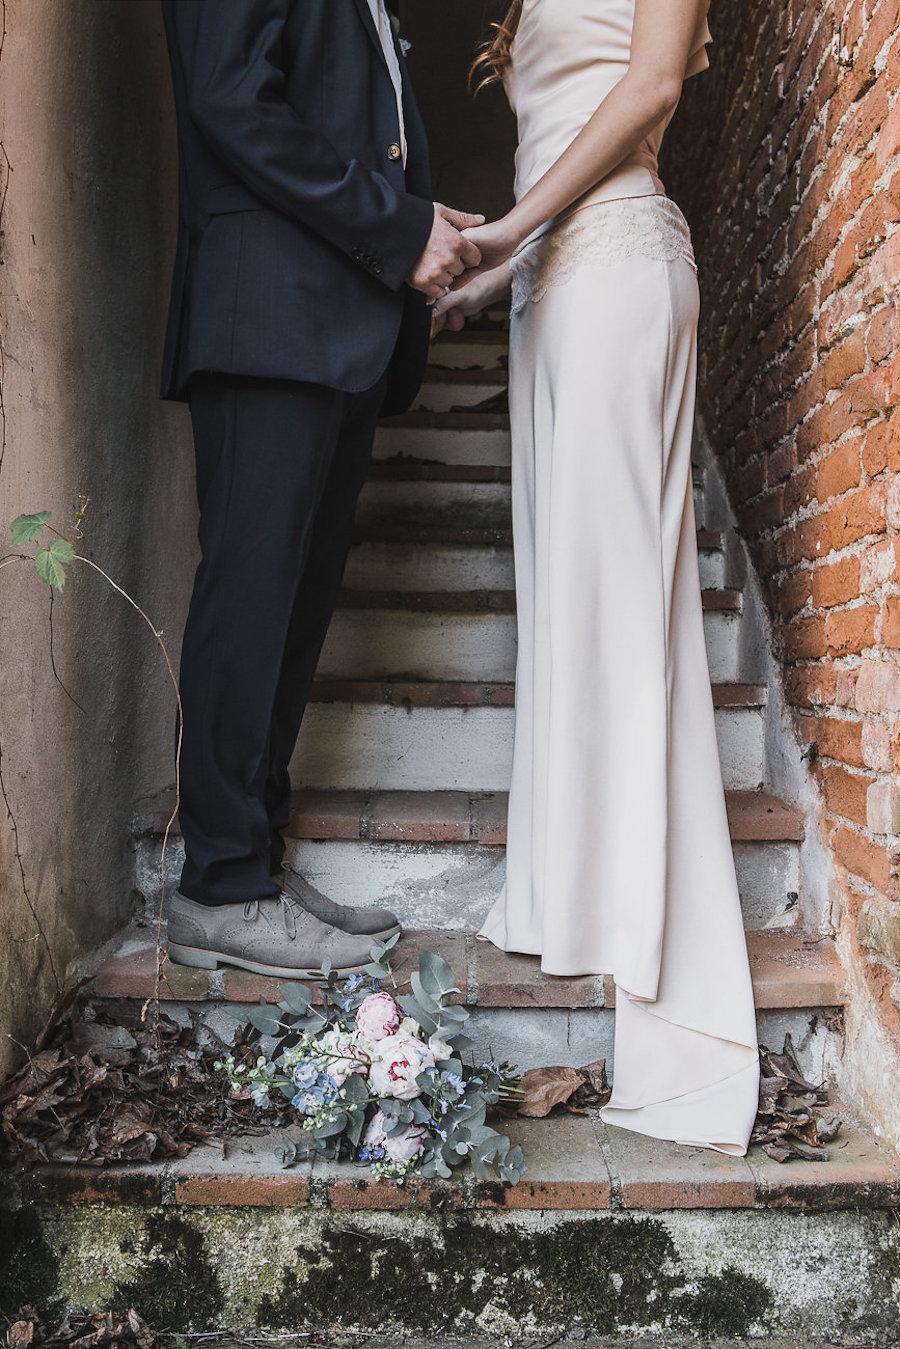 matrimonio-rose-quartz-e-serenity-di-luce-e-dombra-studio-fotografico-15